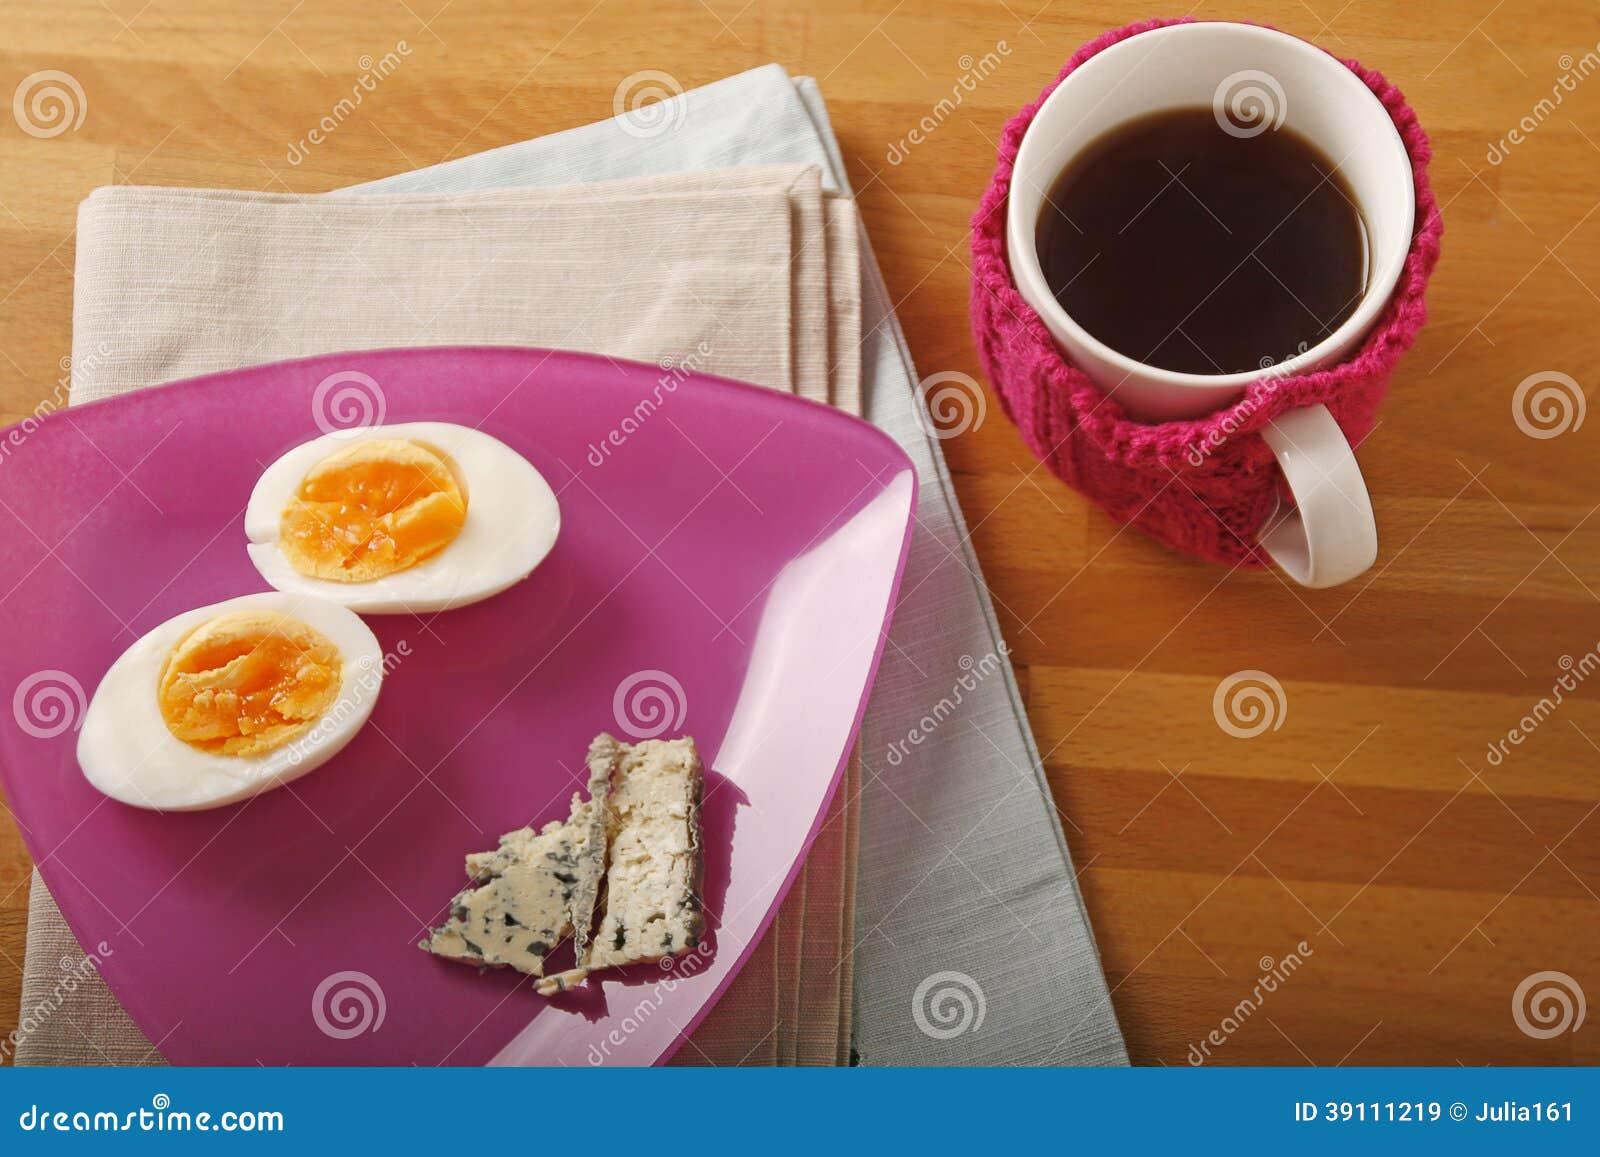 Ei, kaas en thee